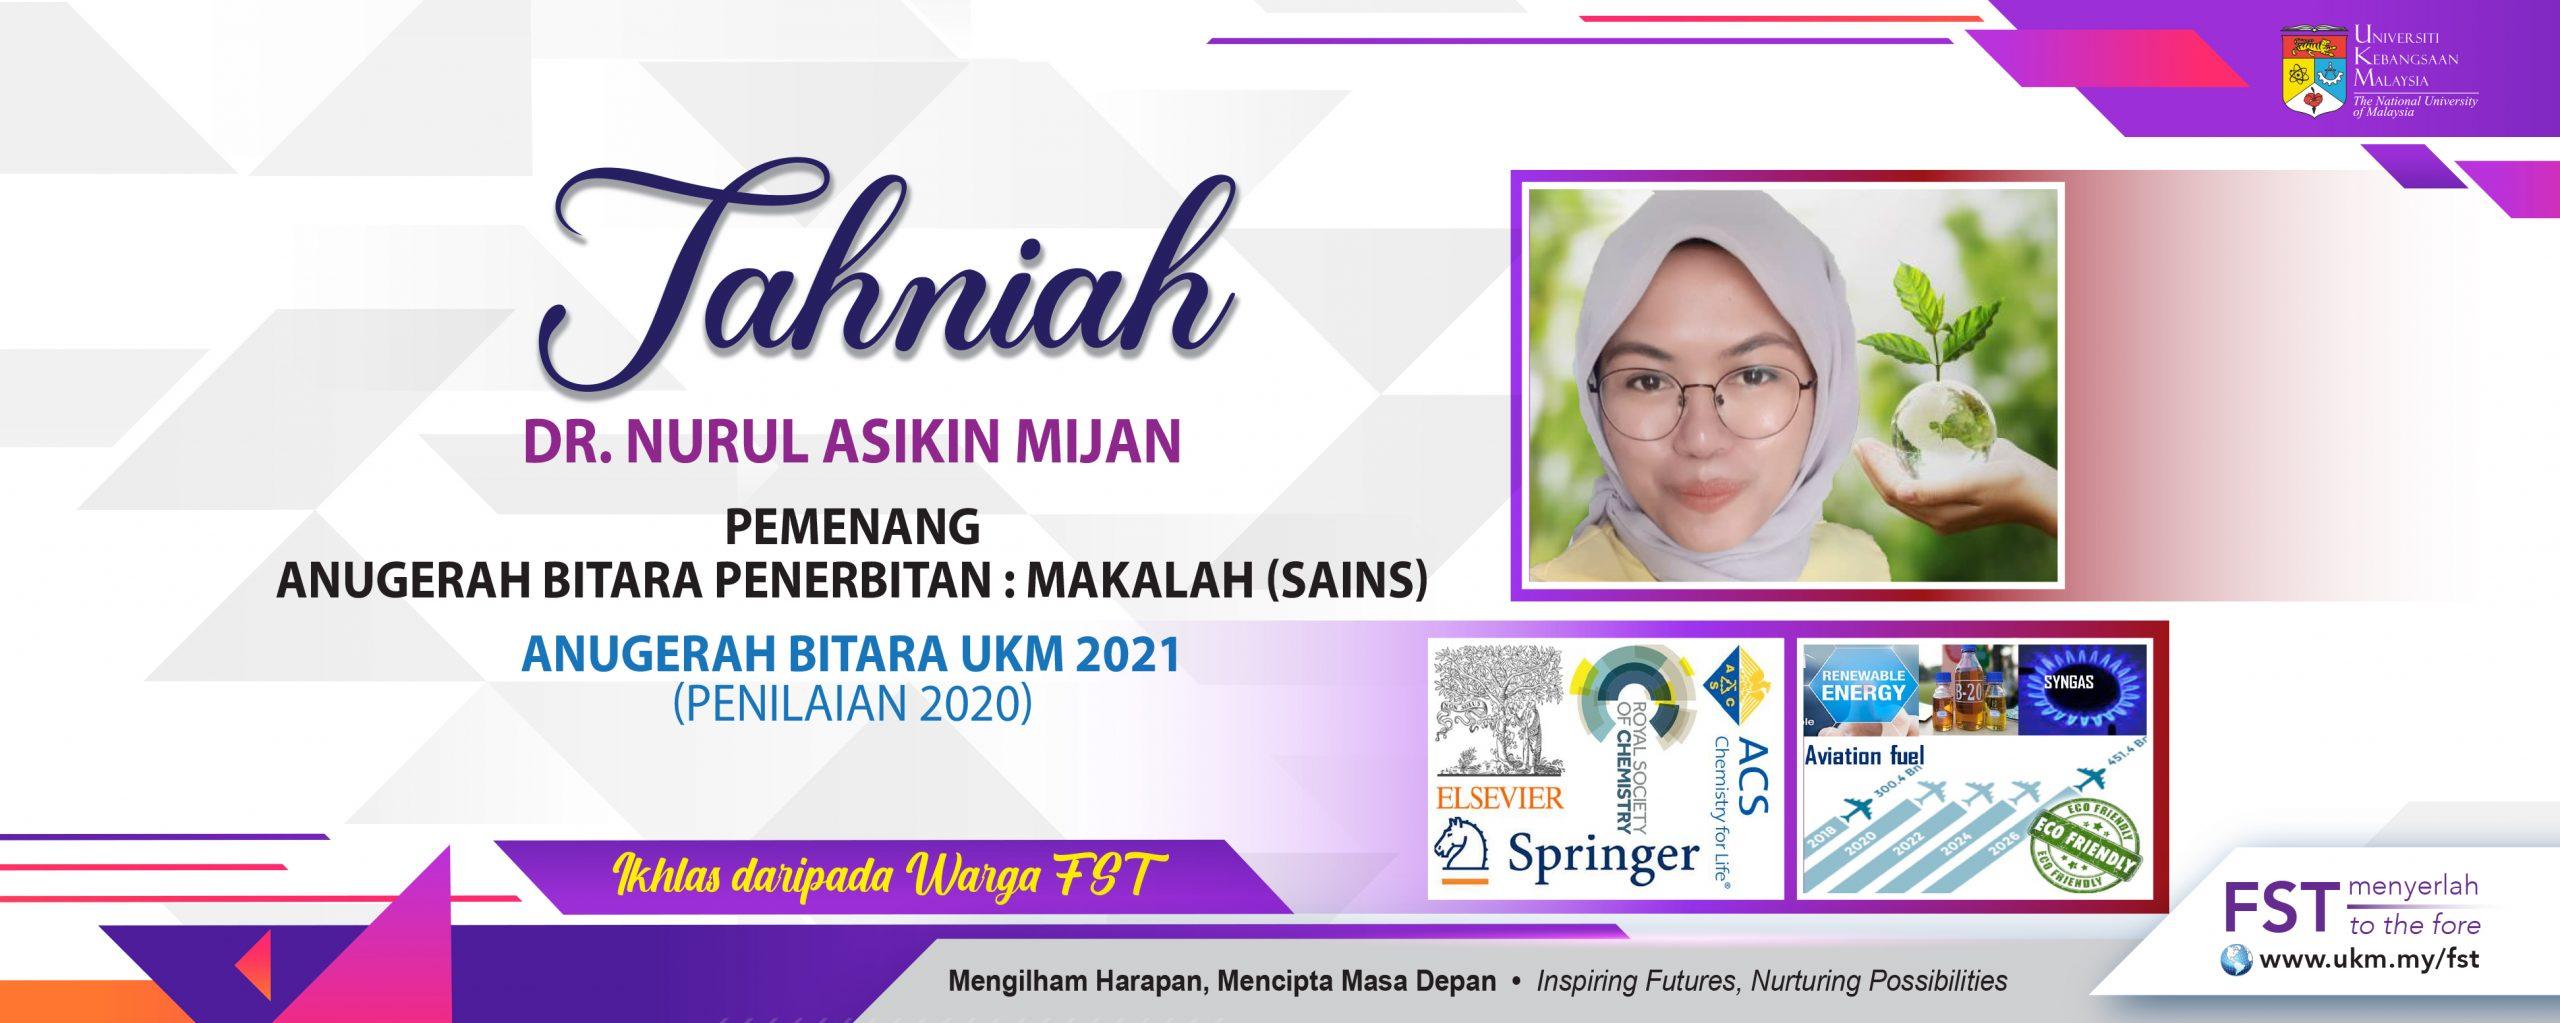 Tahniah bitara Dr. nurul